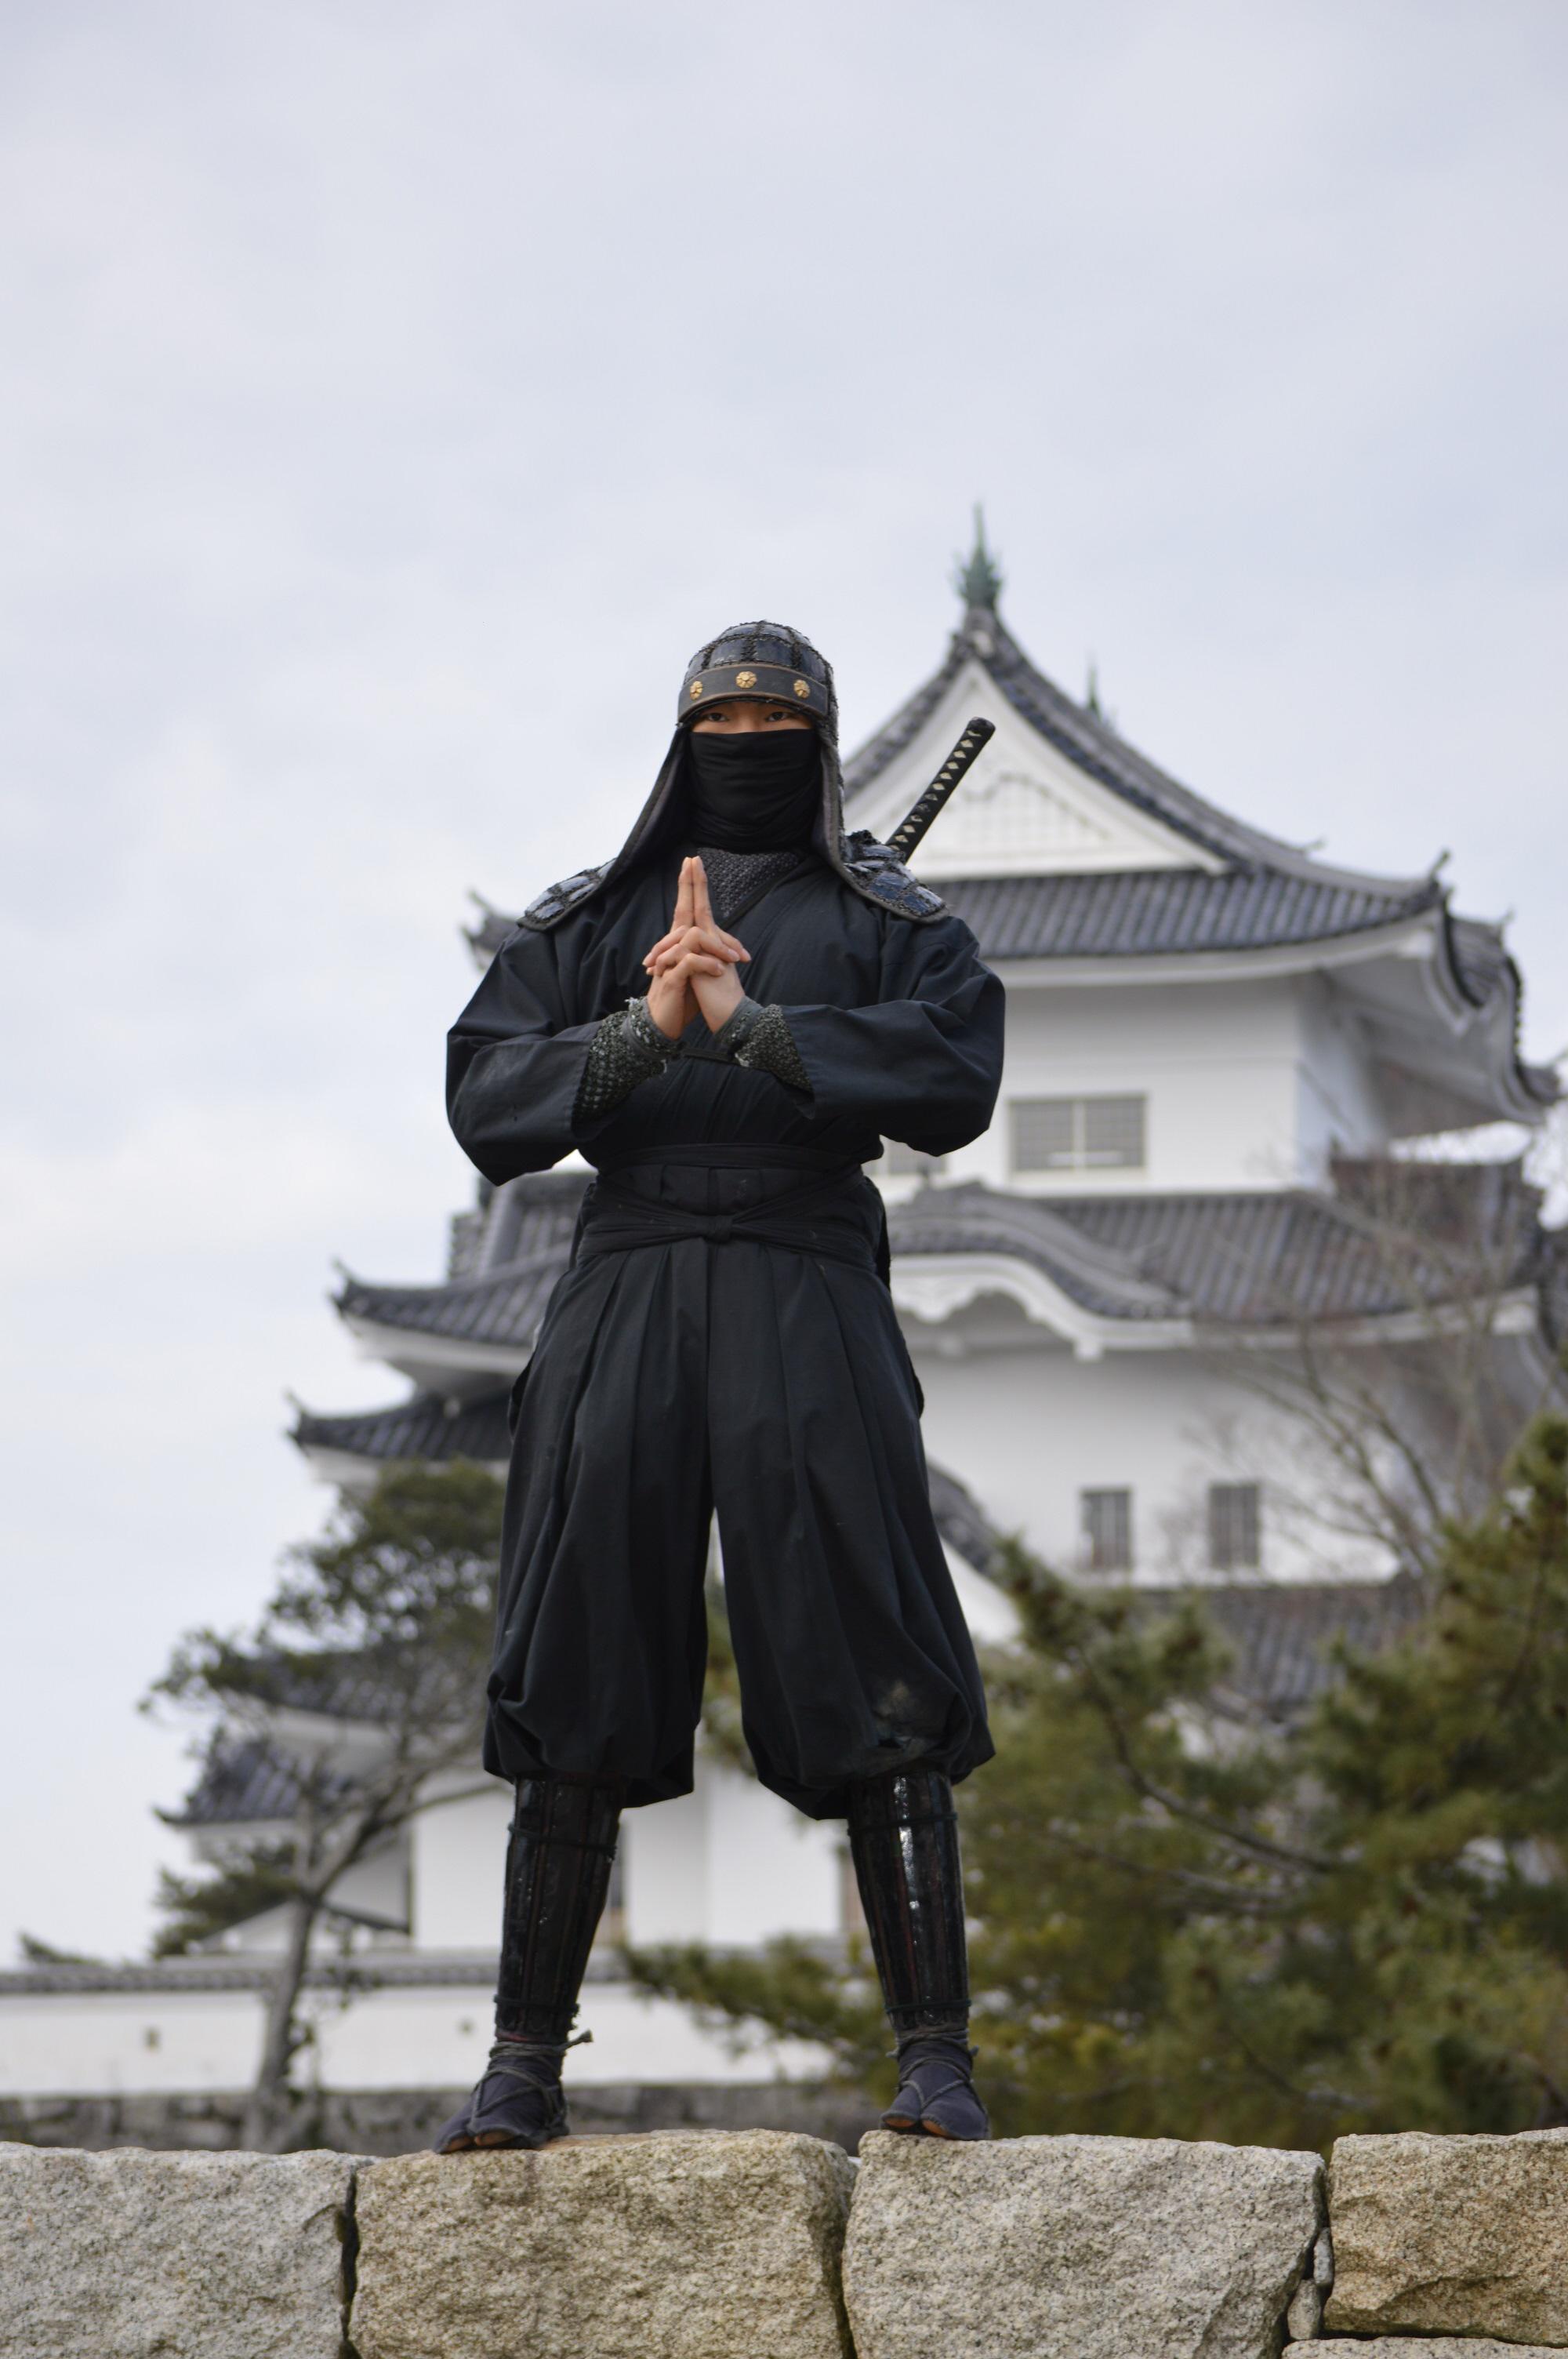 「忍者」が日本遺産に 「忍びの里 伊賀・甲賀」認定 - 伊勢新聞